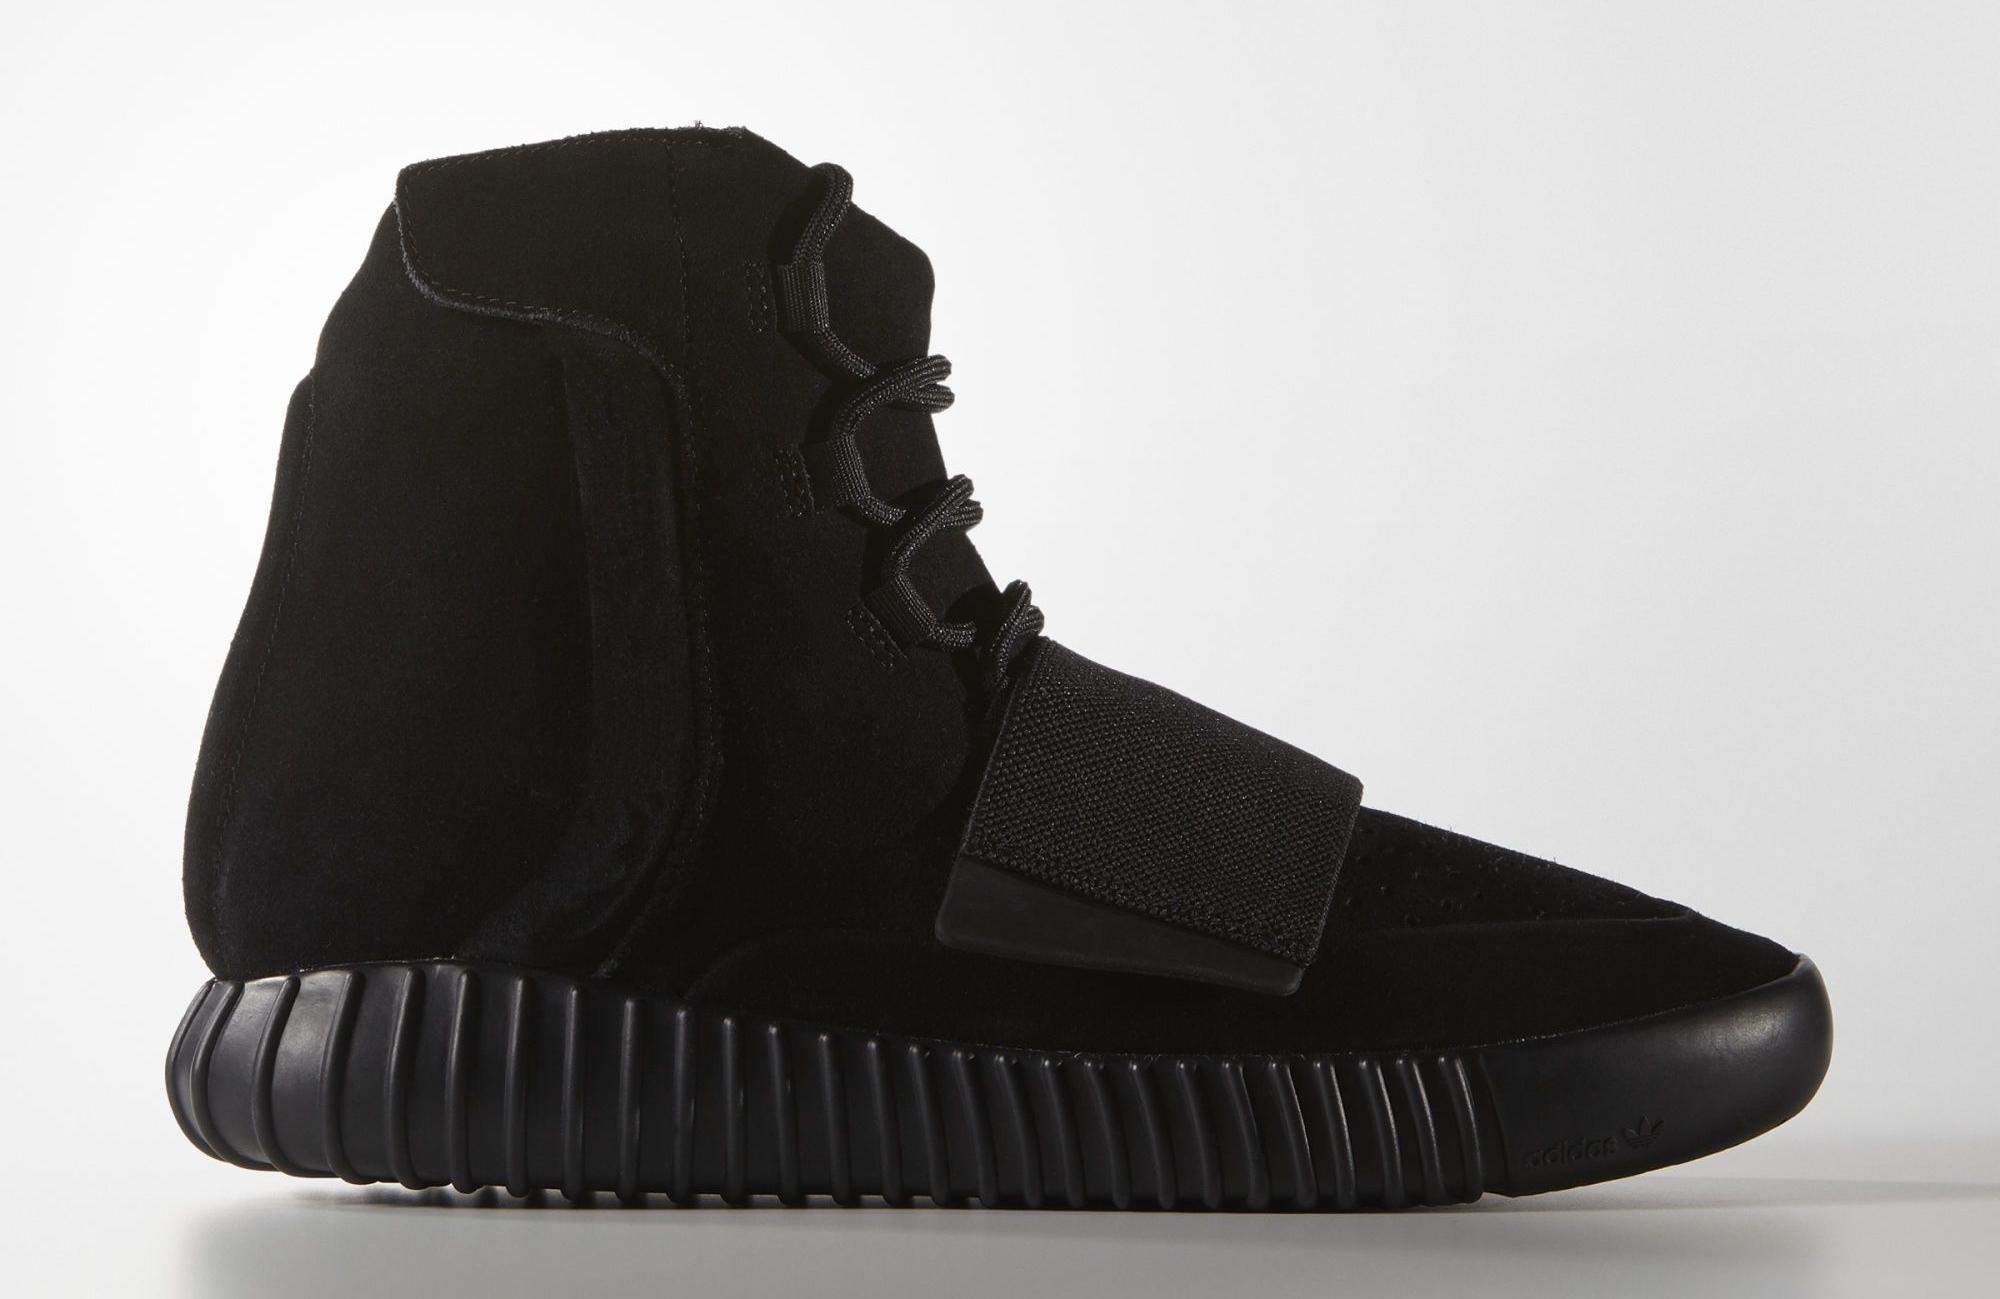 gancho Envolver preposición  Black Adidas Yeezy Boosts at Outlet | Sole Collector